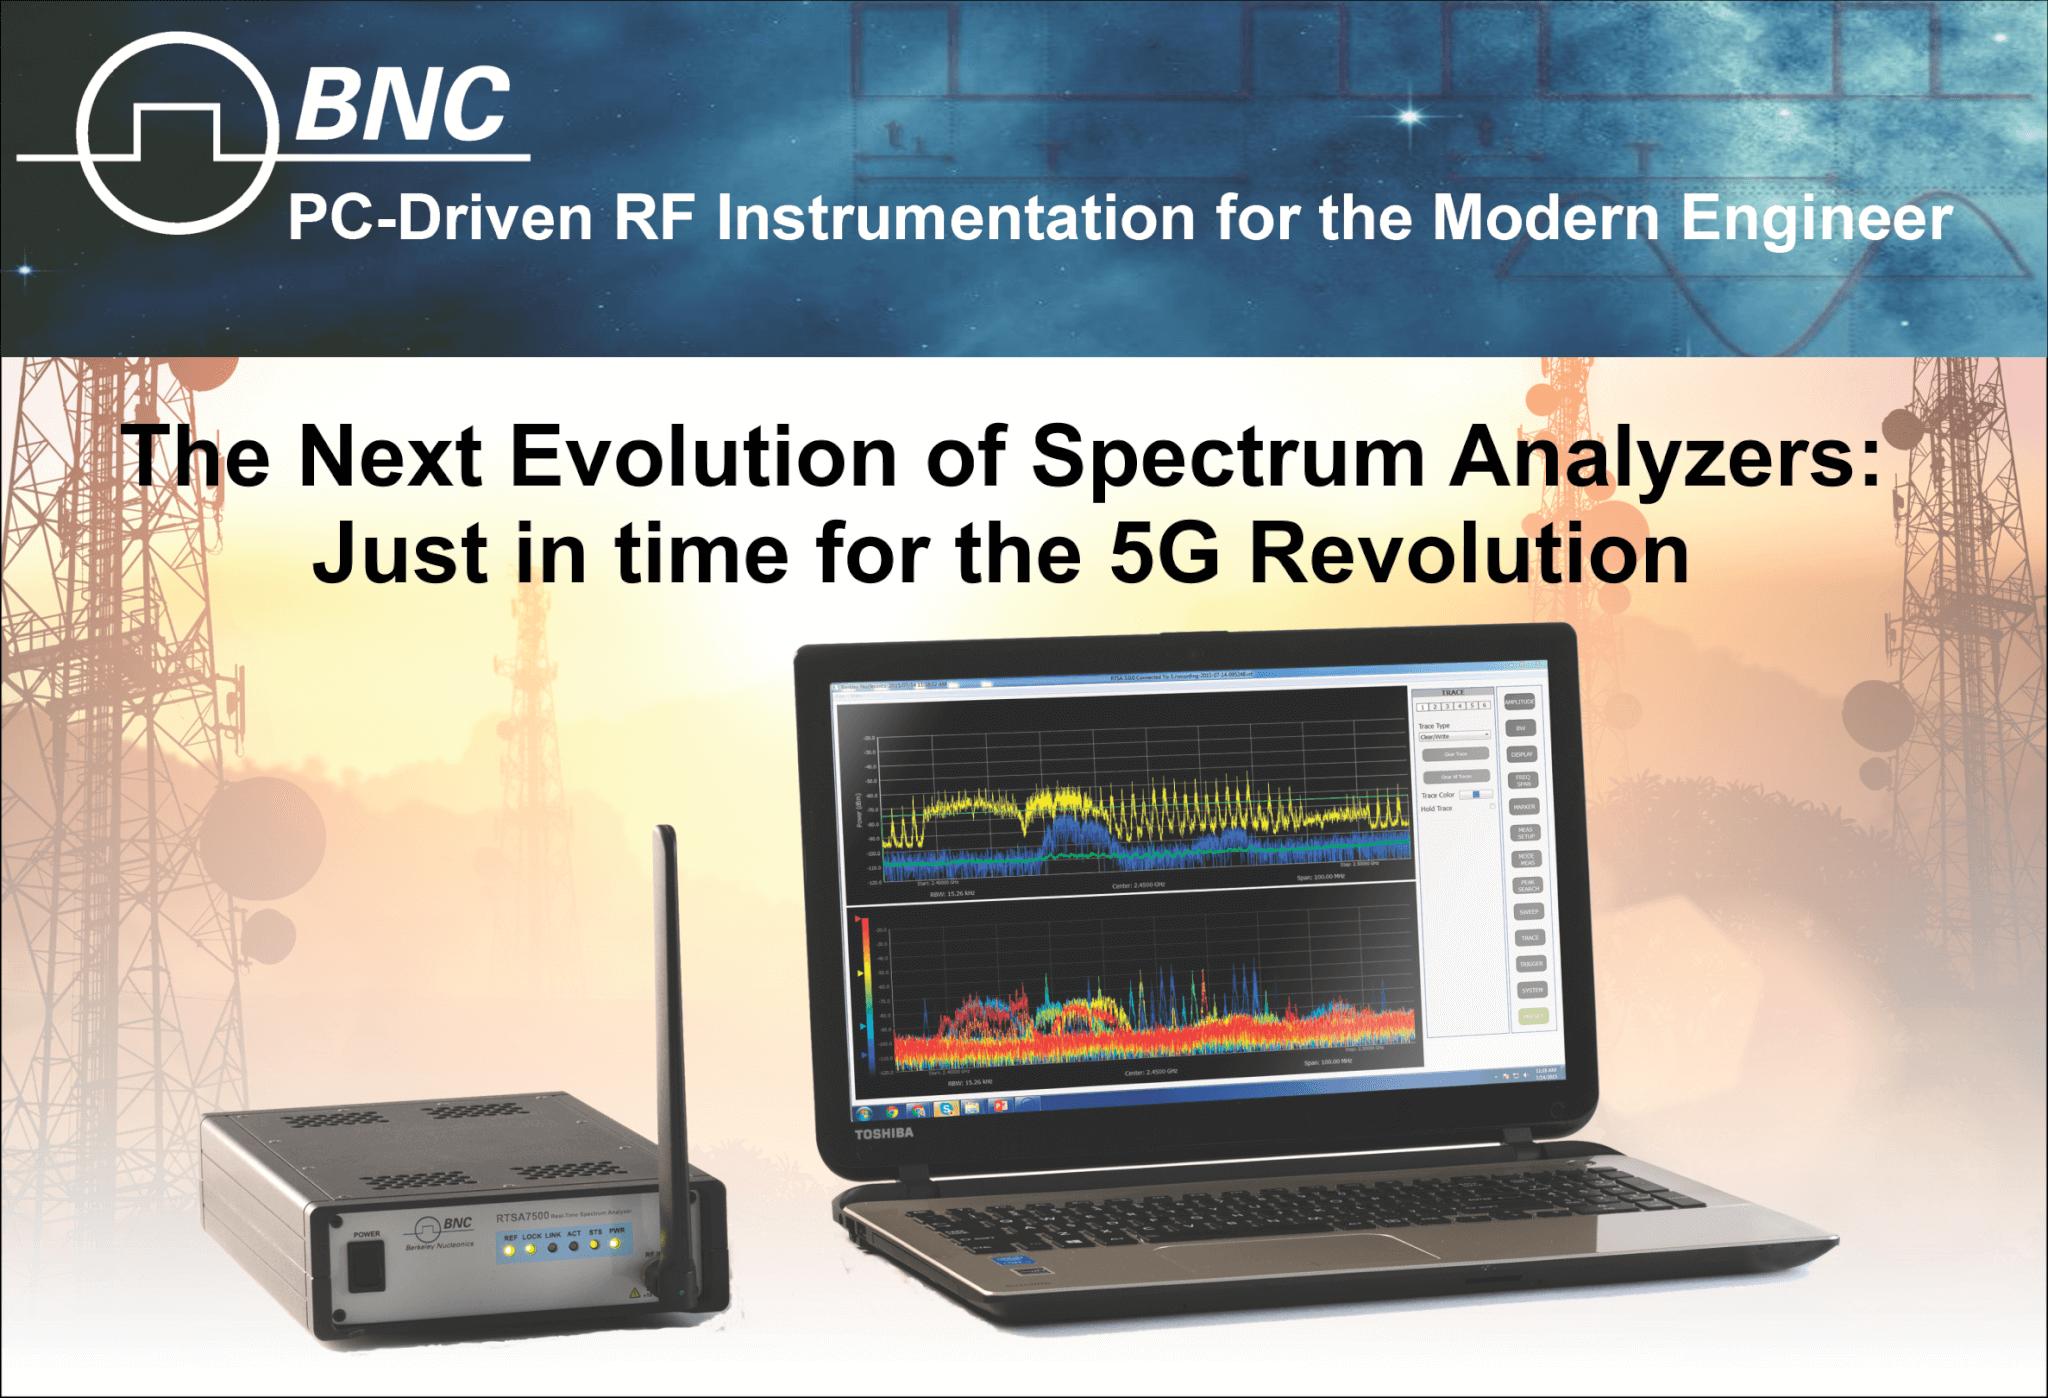 bnc-spectrum-analyzer-ad-slide1